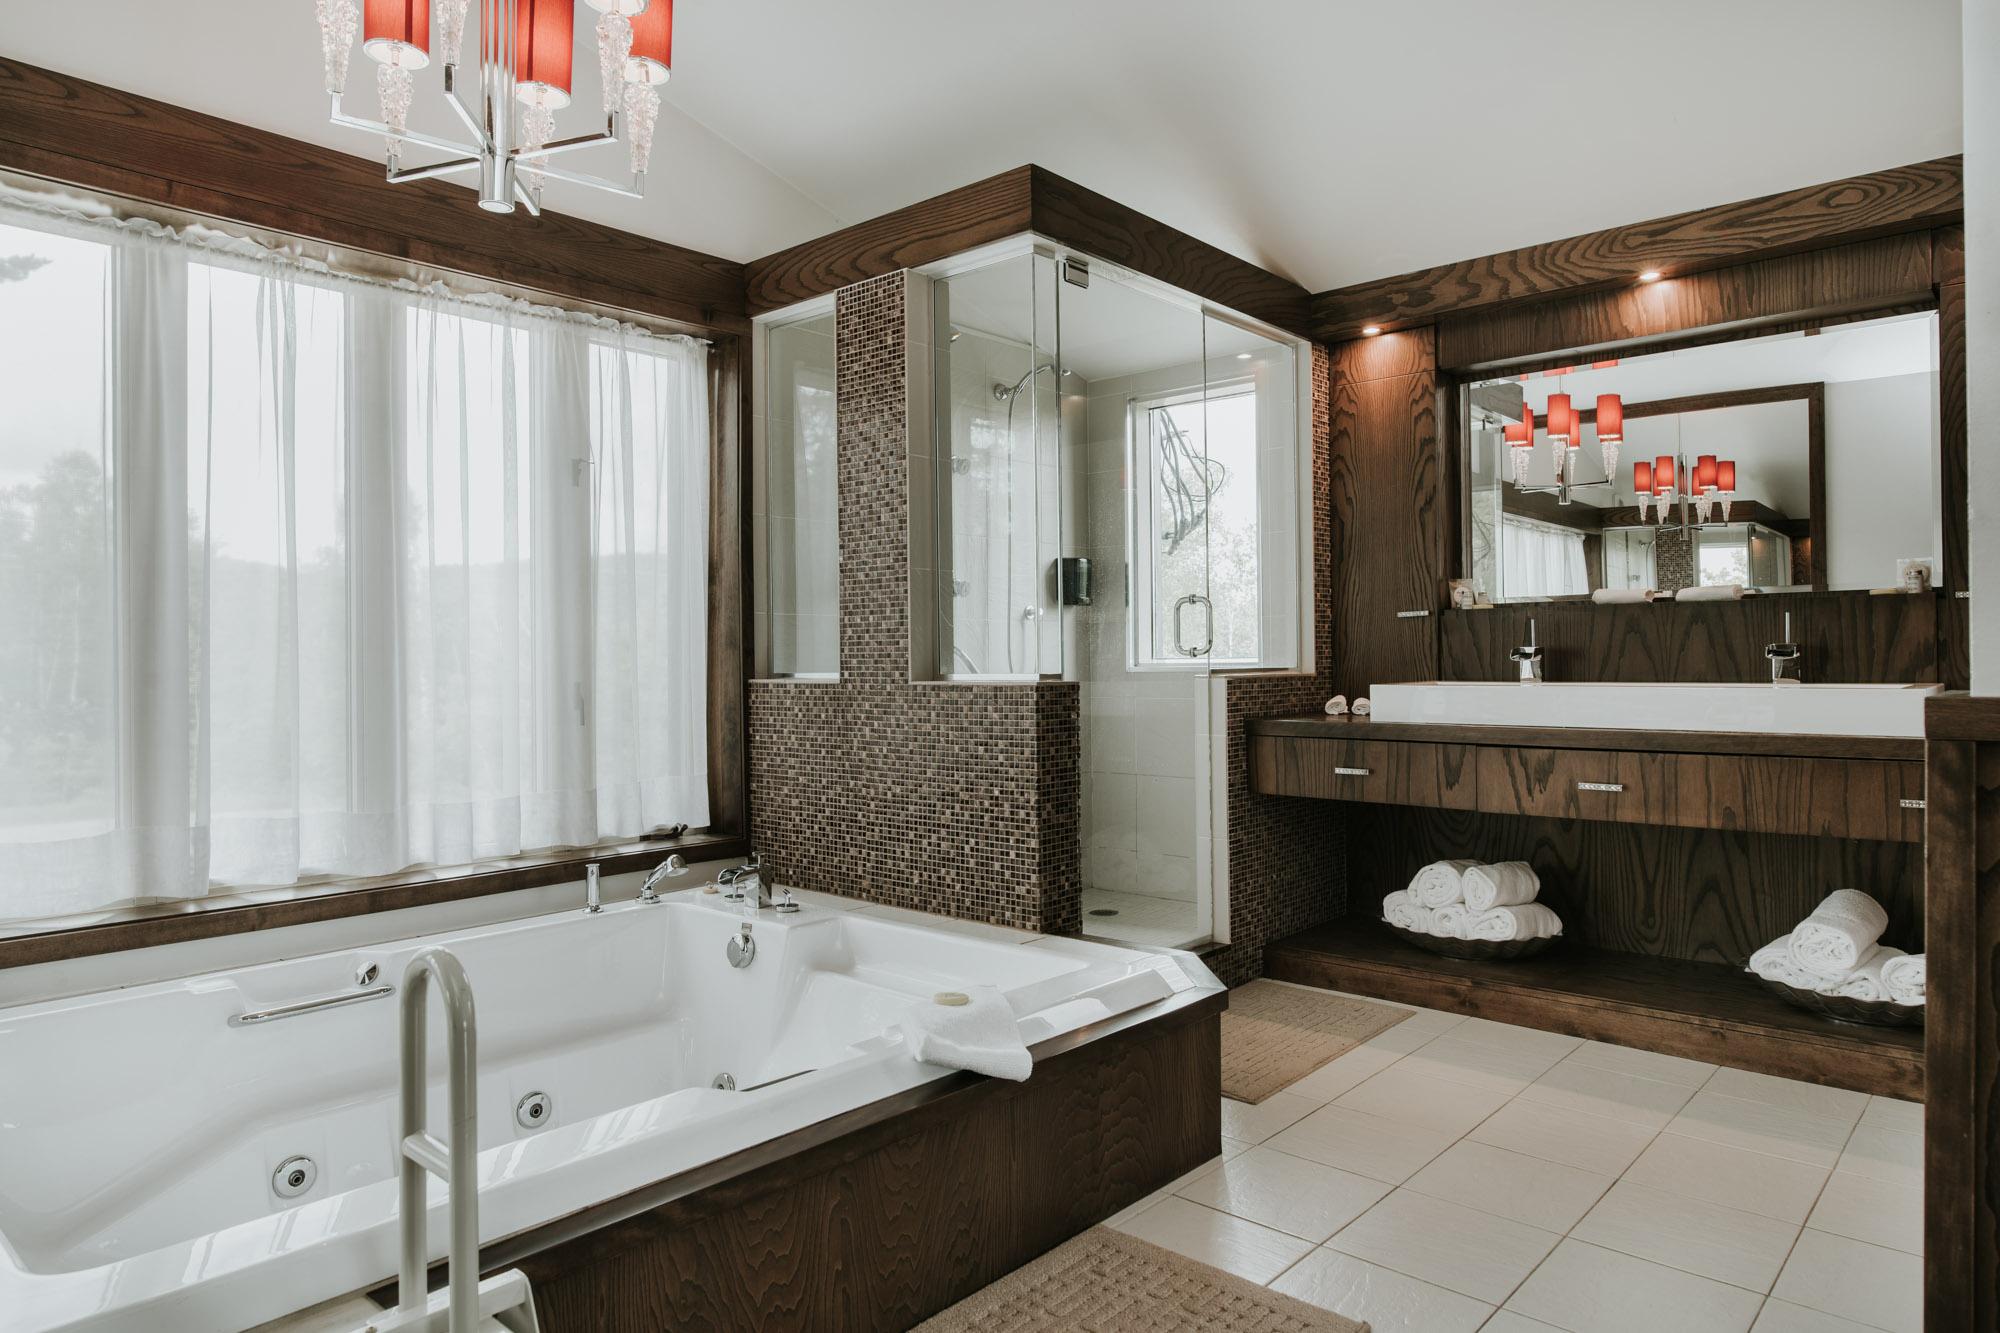 Salle De Bain Chalet executive - salle de bain 2 - web - royal laurentien